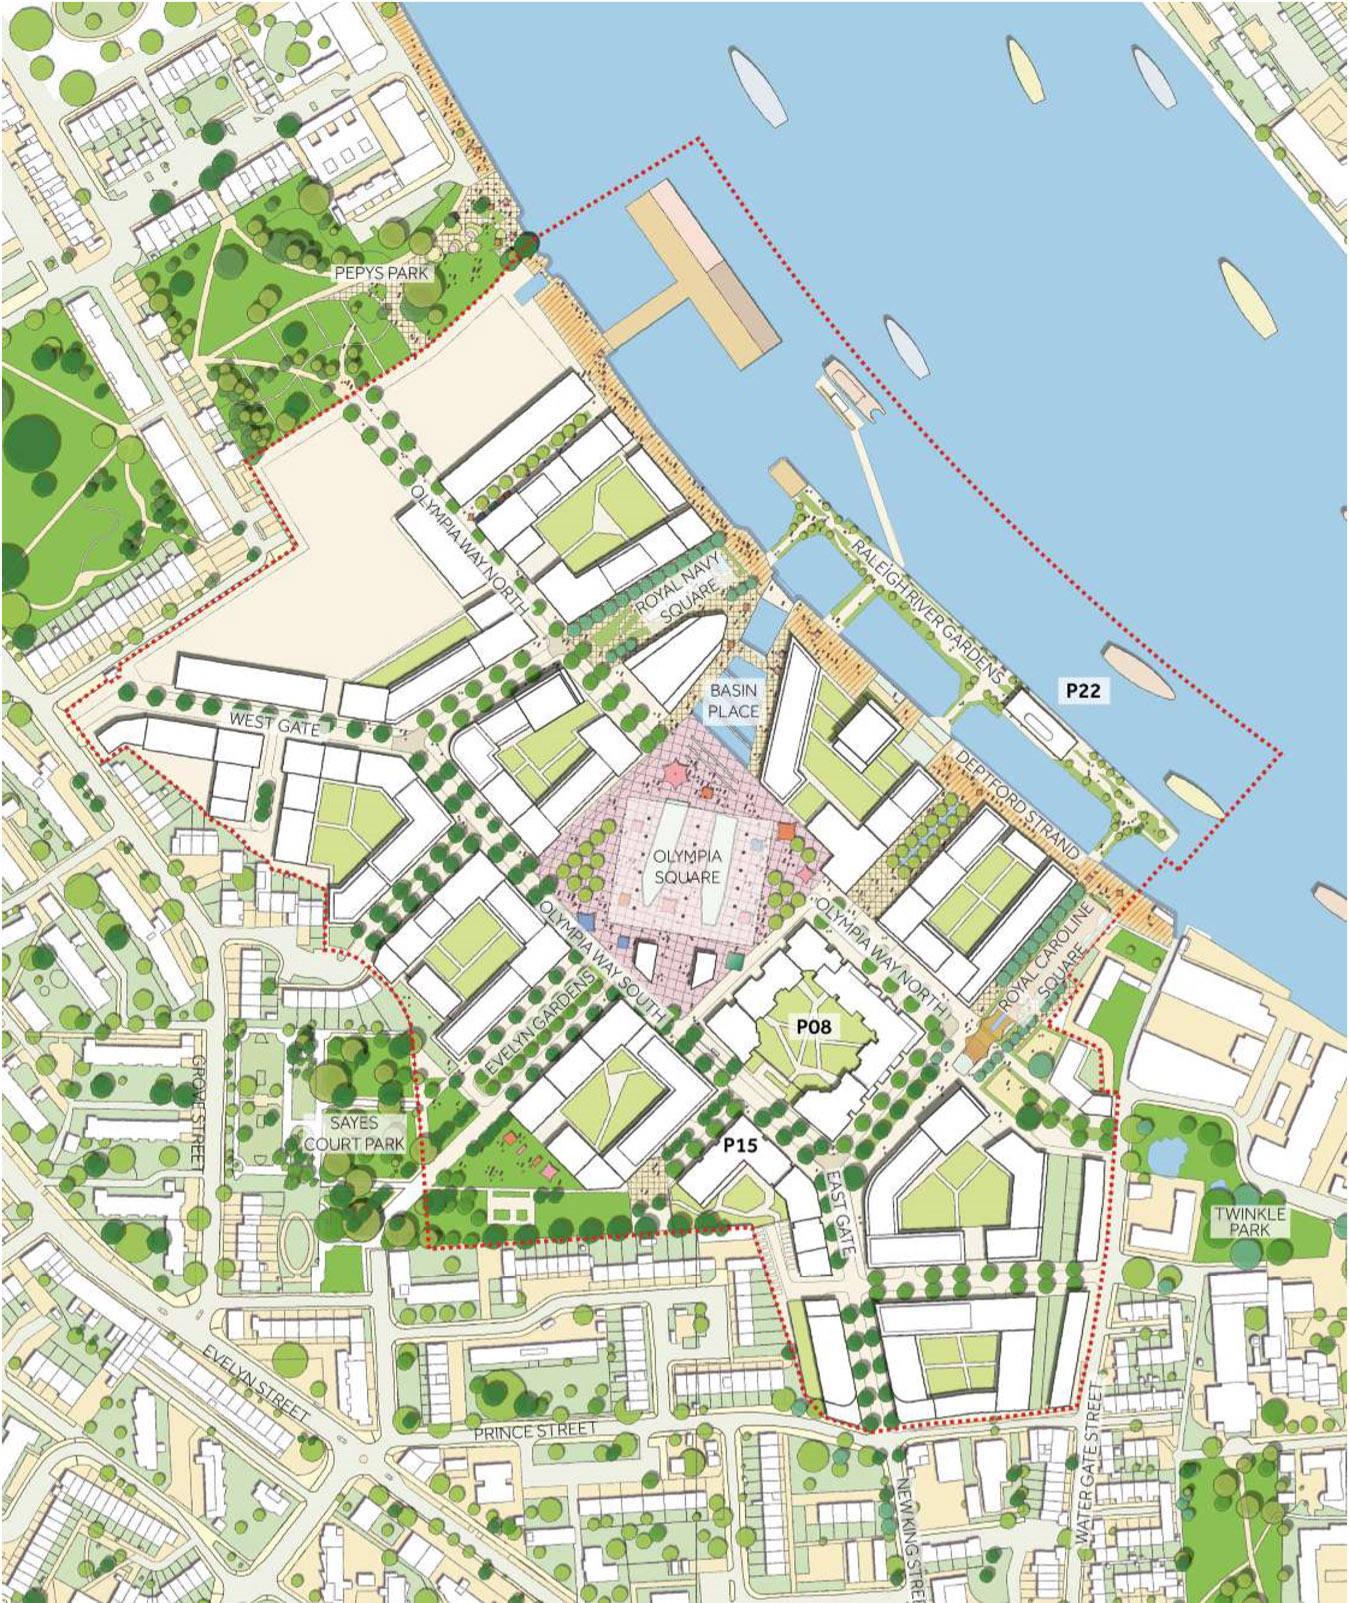 李嘉诚要在英国建一座城:泰晤士河畔16万平米项目获批动工_英国新闻_英国中文网